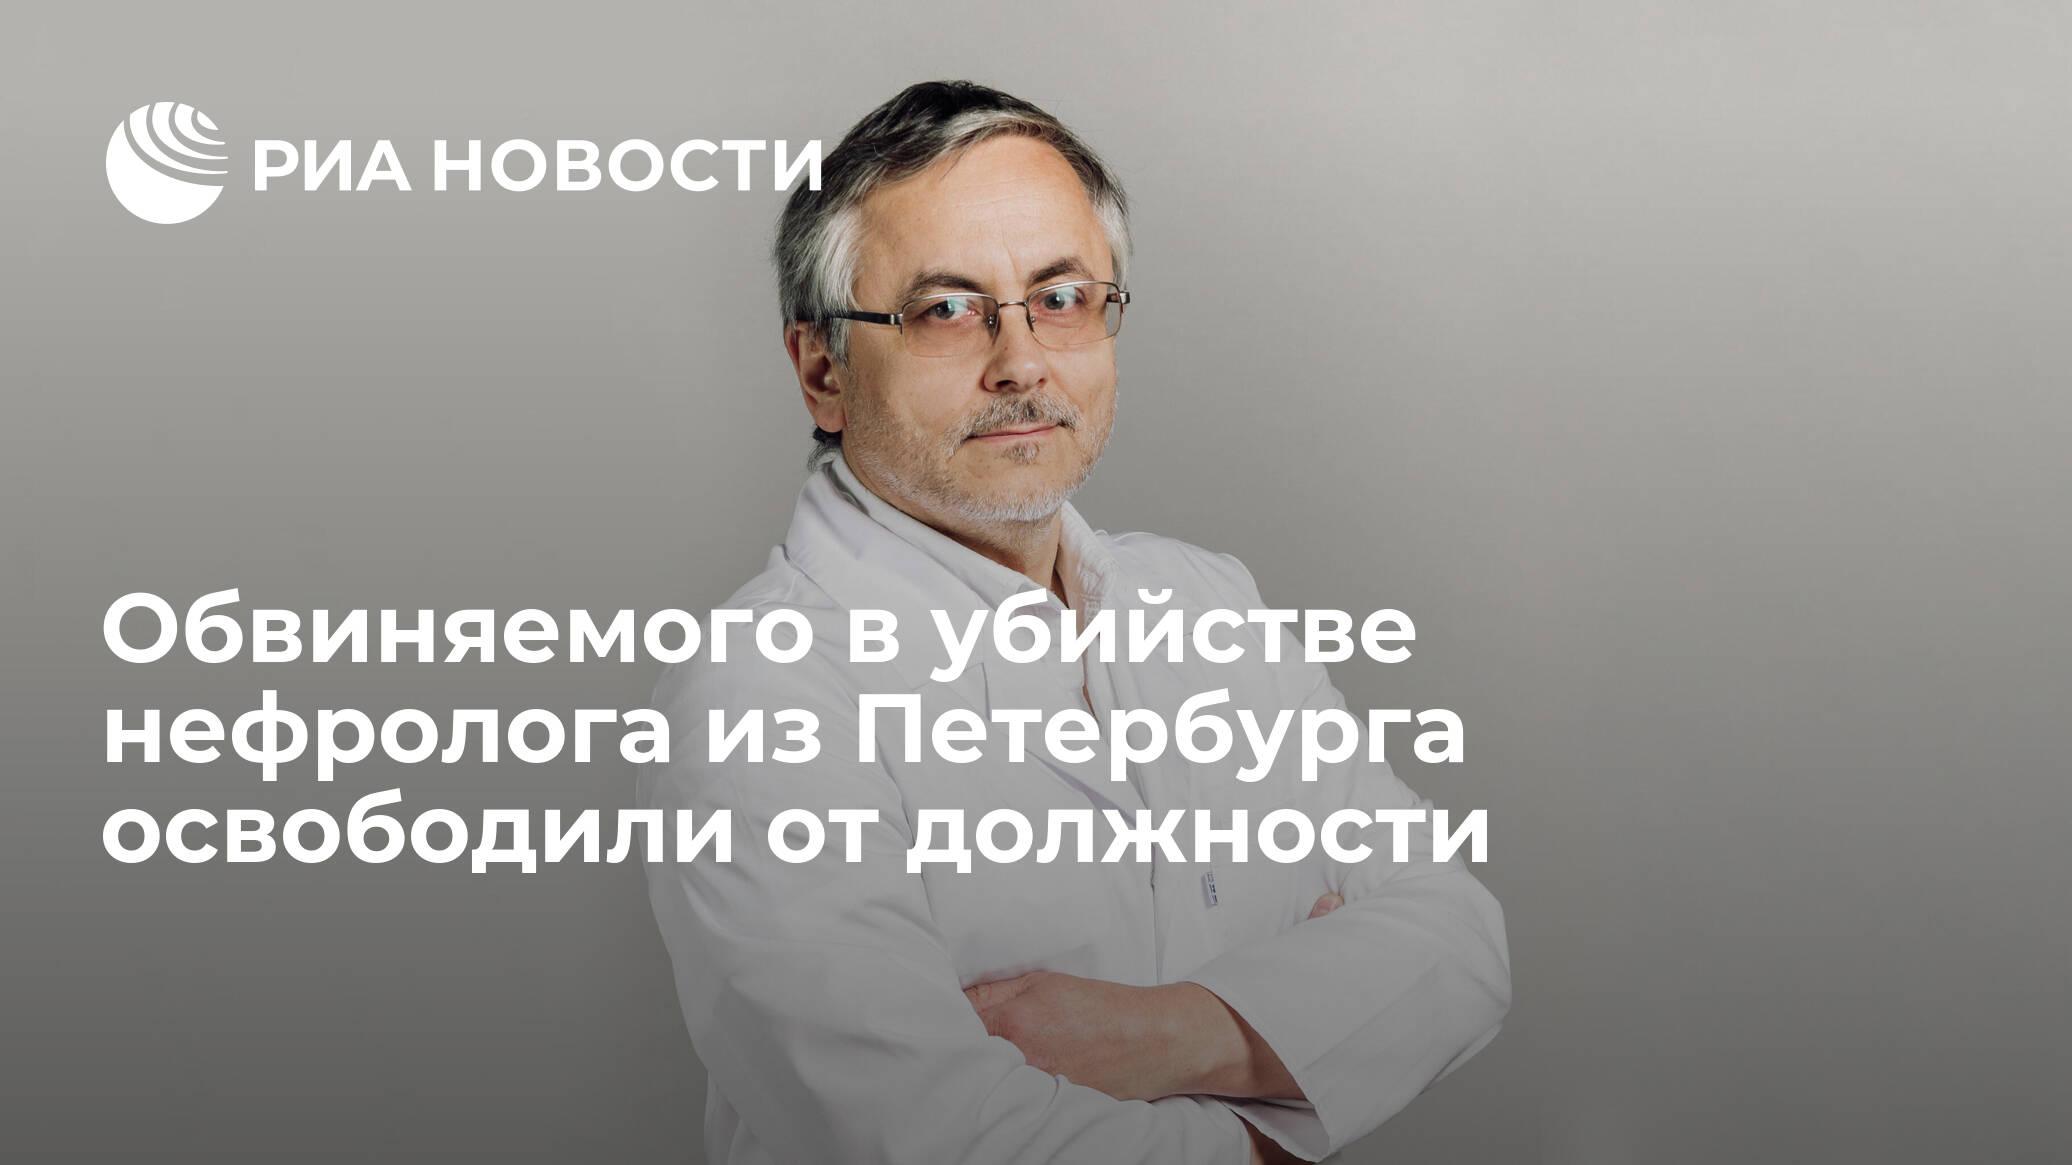 Обвиняемого в убийстве нефролога из Петербурга освободили от должности